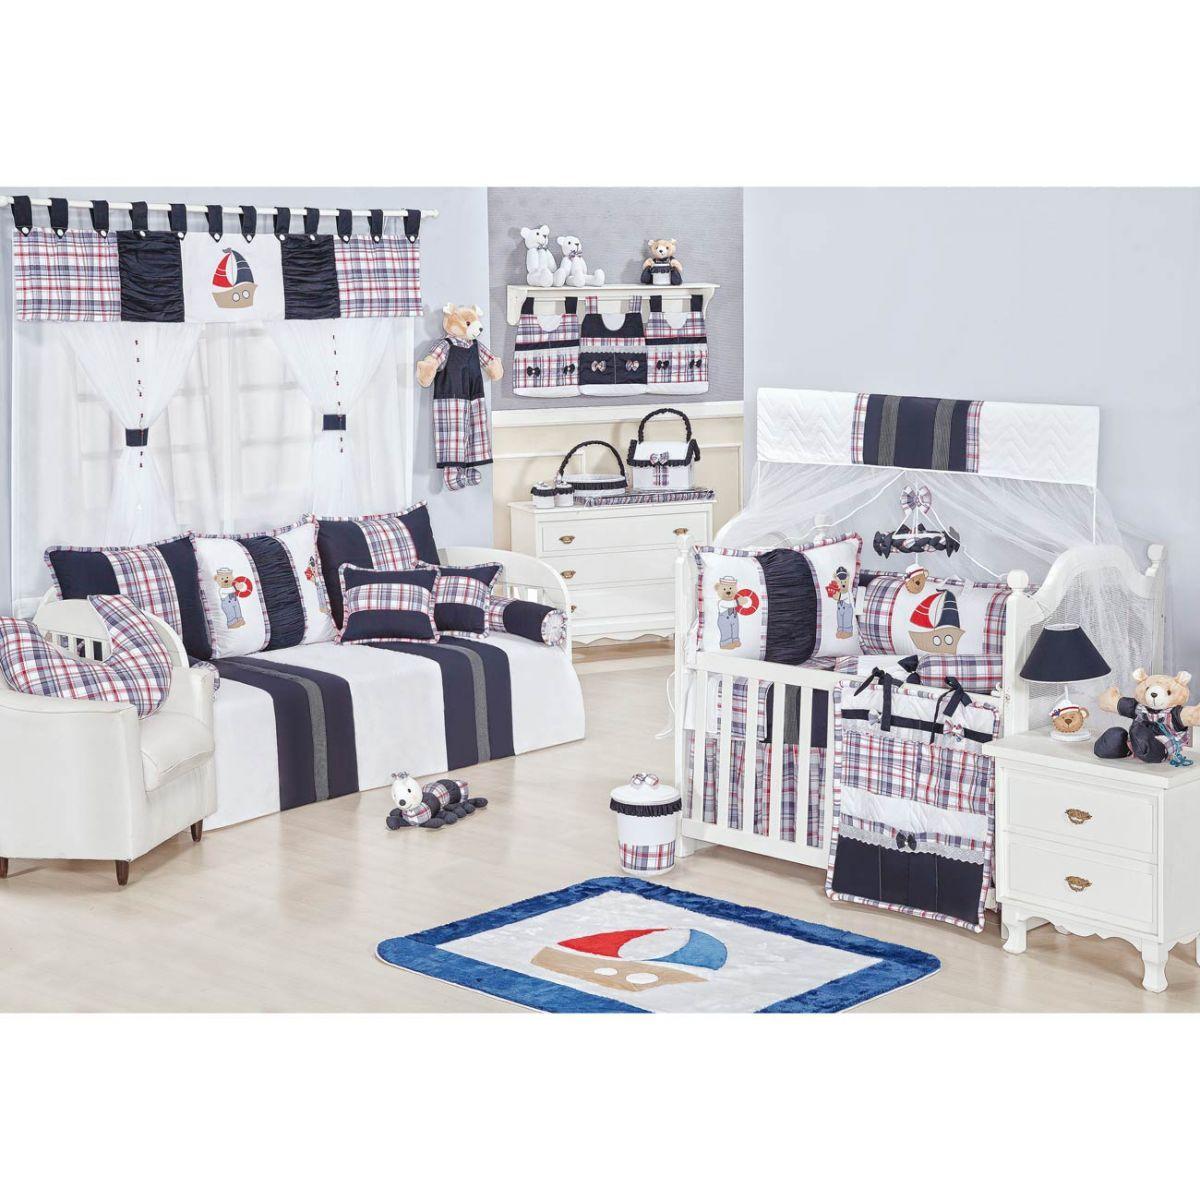 Lixeira Enfeitada p/ Quarto de Bebê - Coleção Sailor